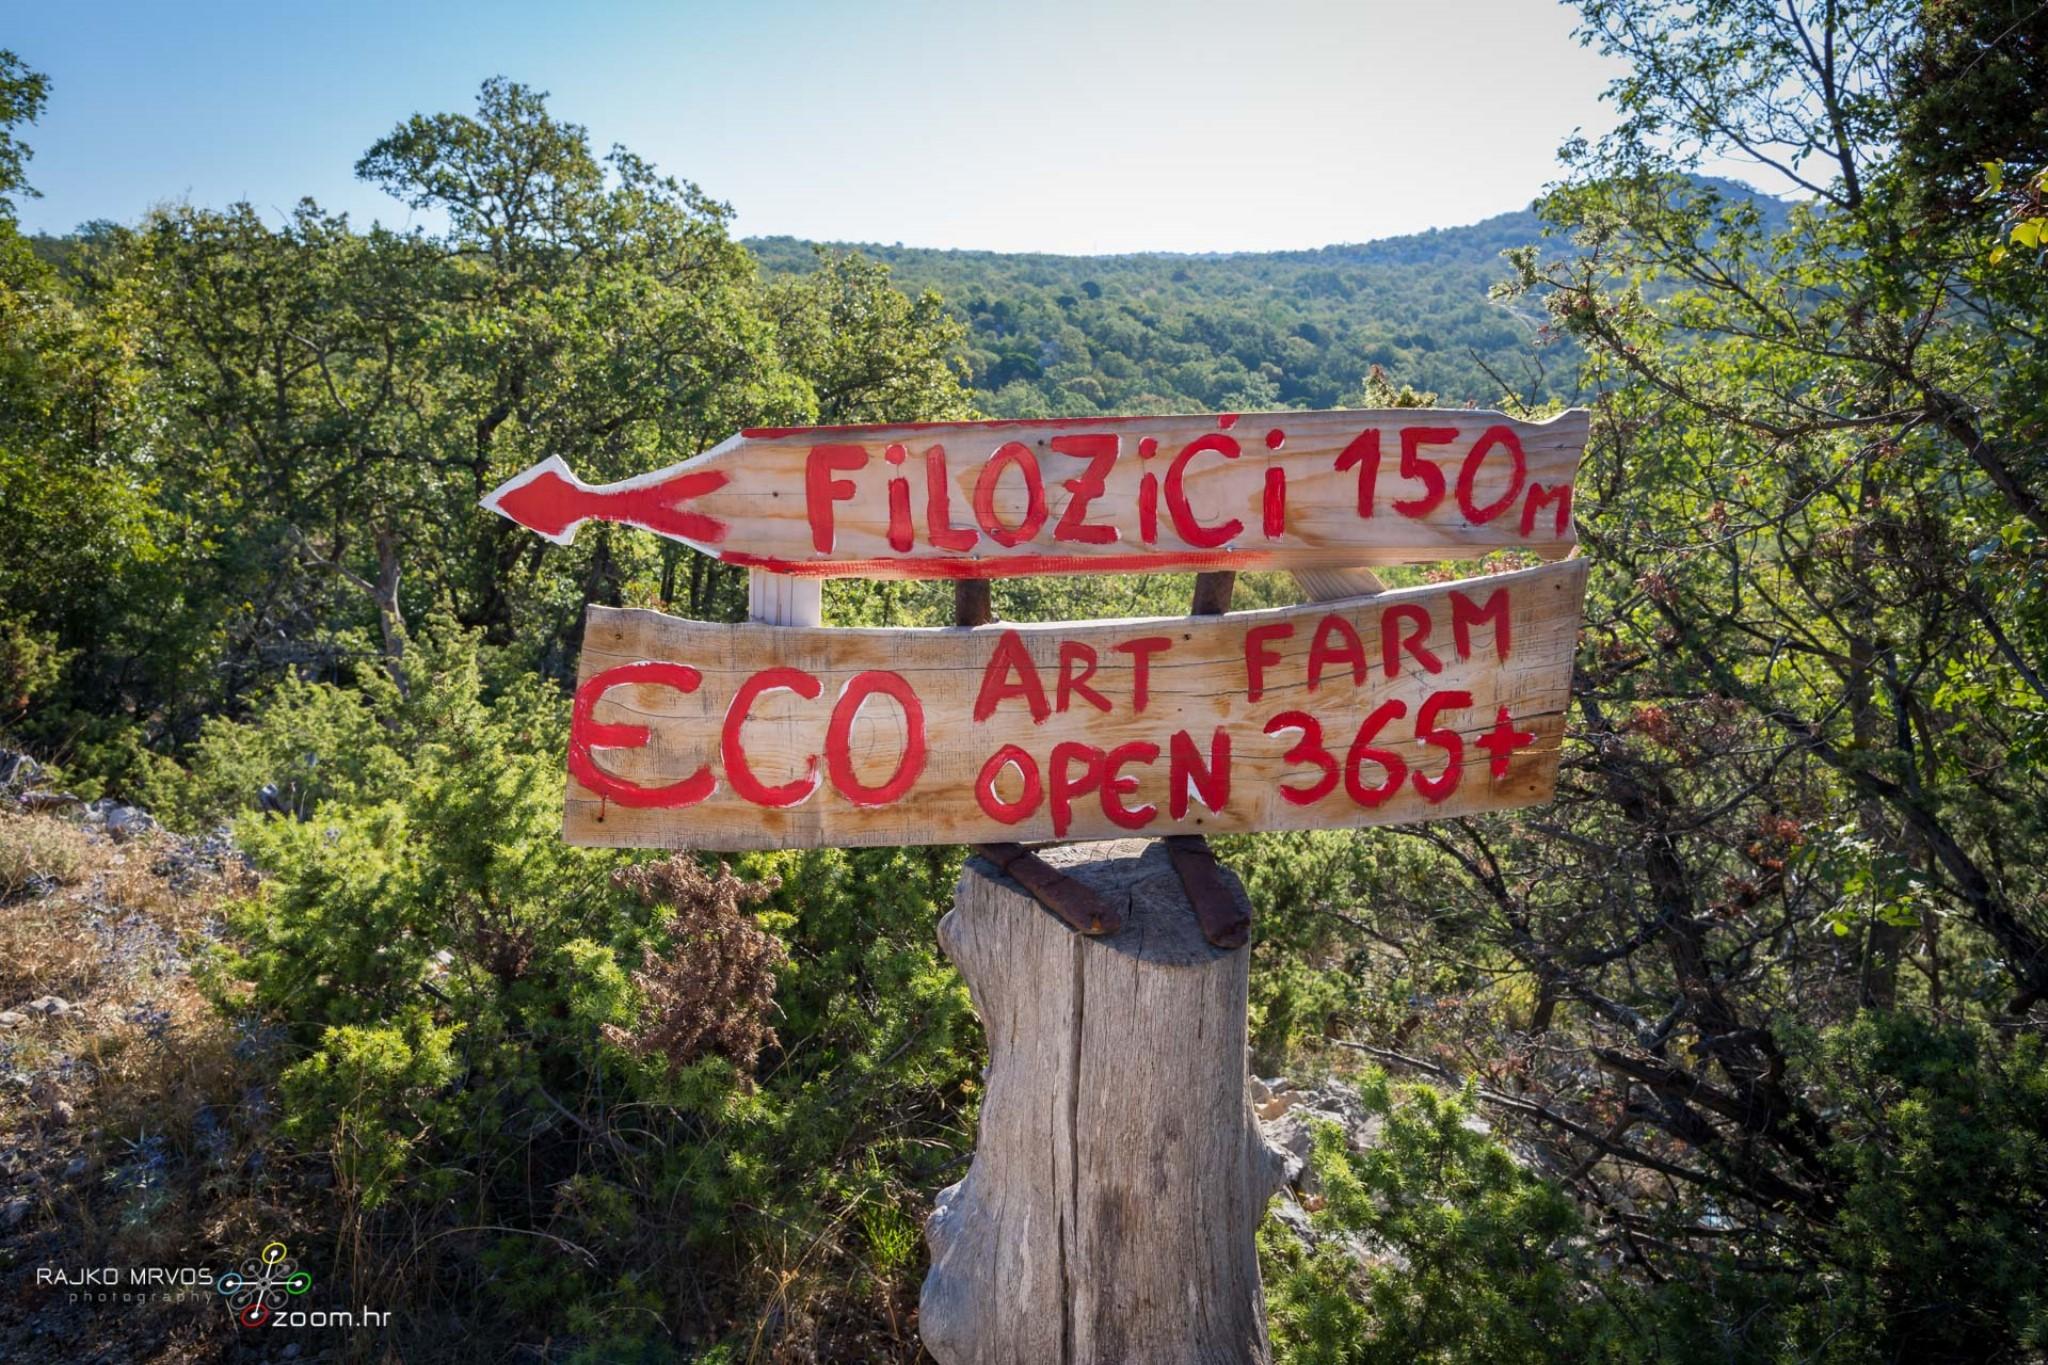 fotografiranje-interijera-fotograf-eksterijera-seoski-turizam-eco-art-farm-Filozici-2